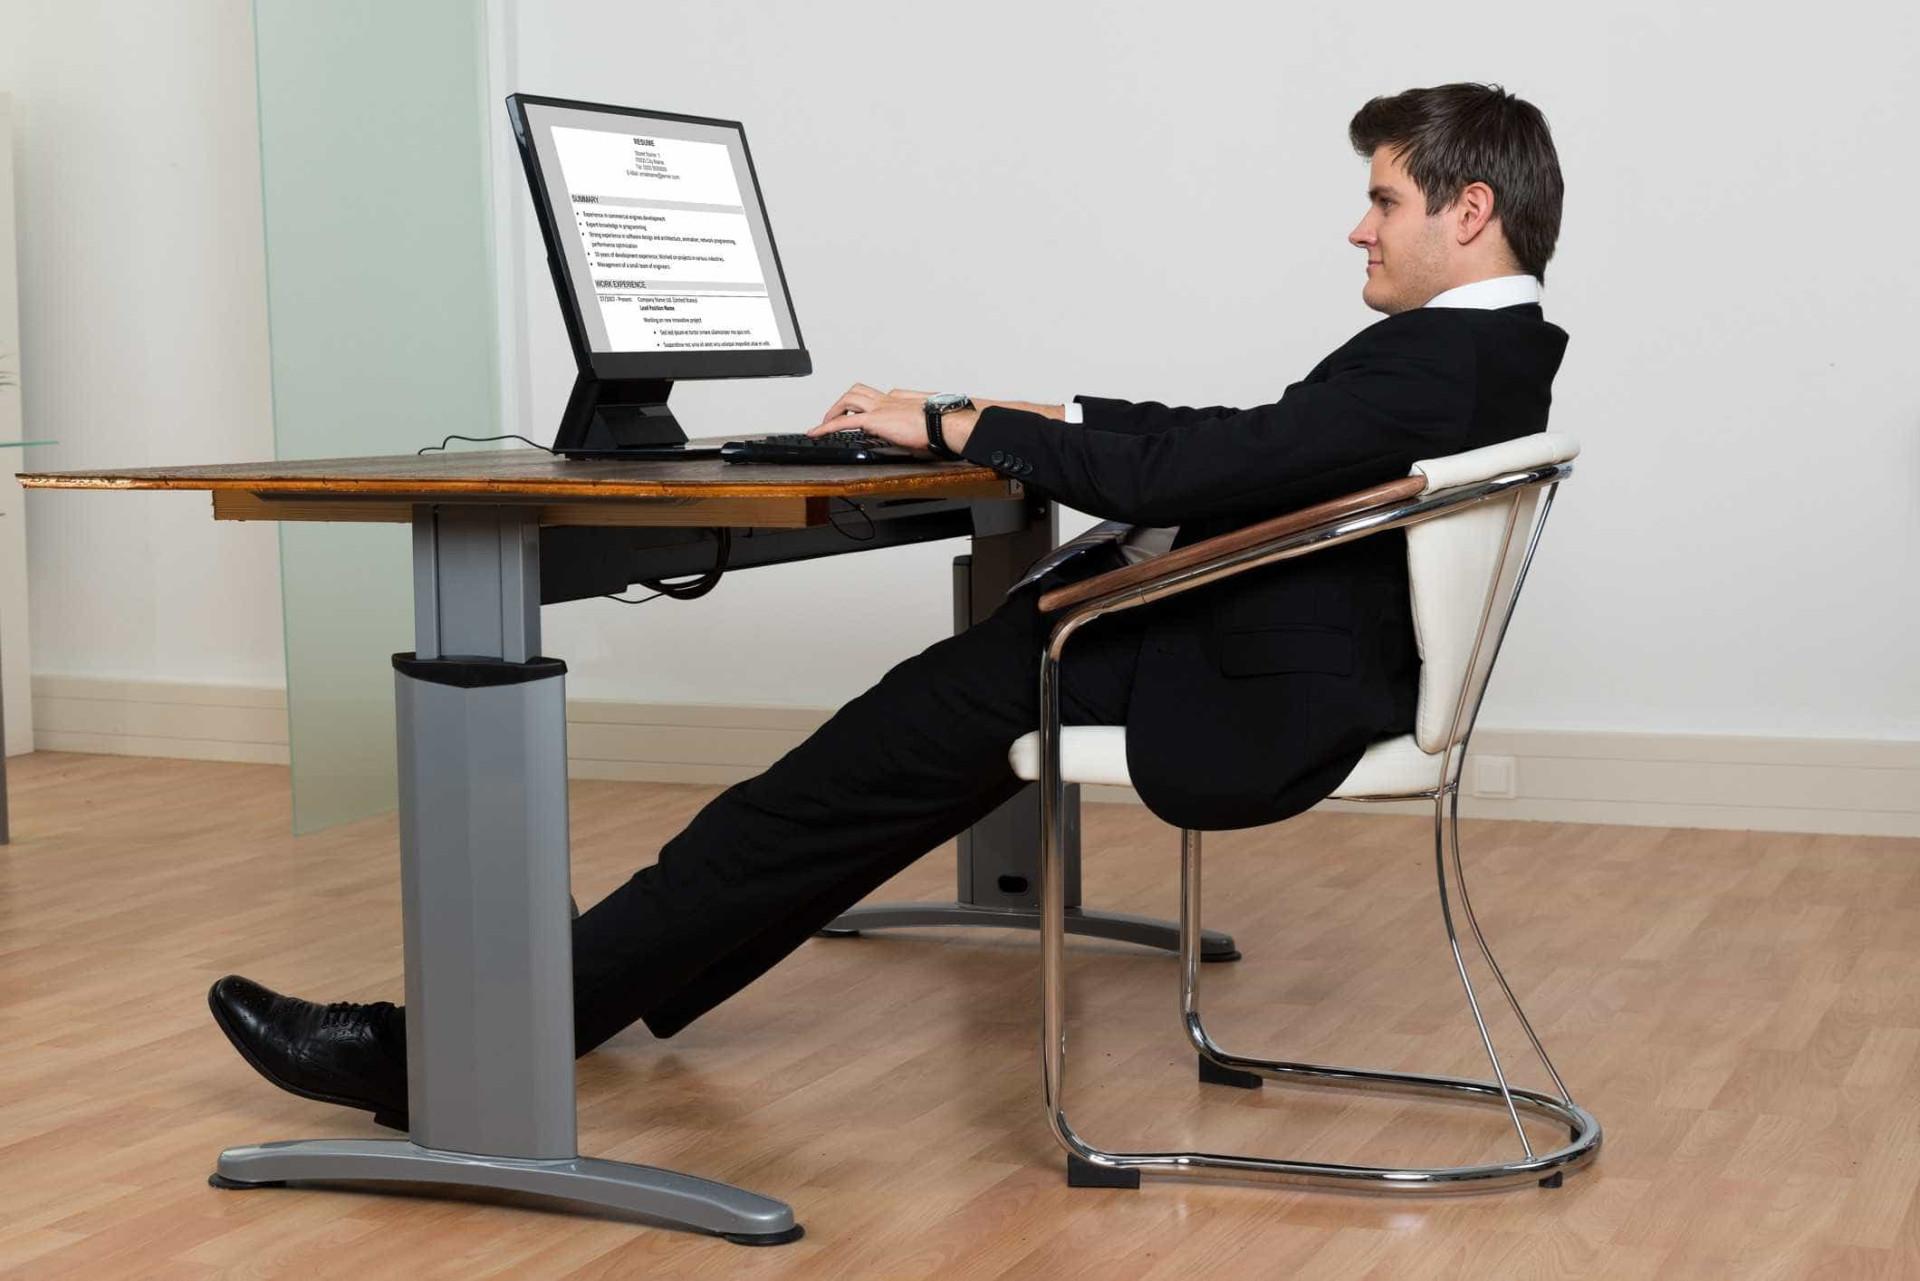 O que nunca deve fazer no seu local de trabalho